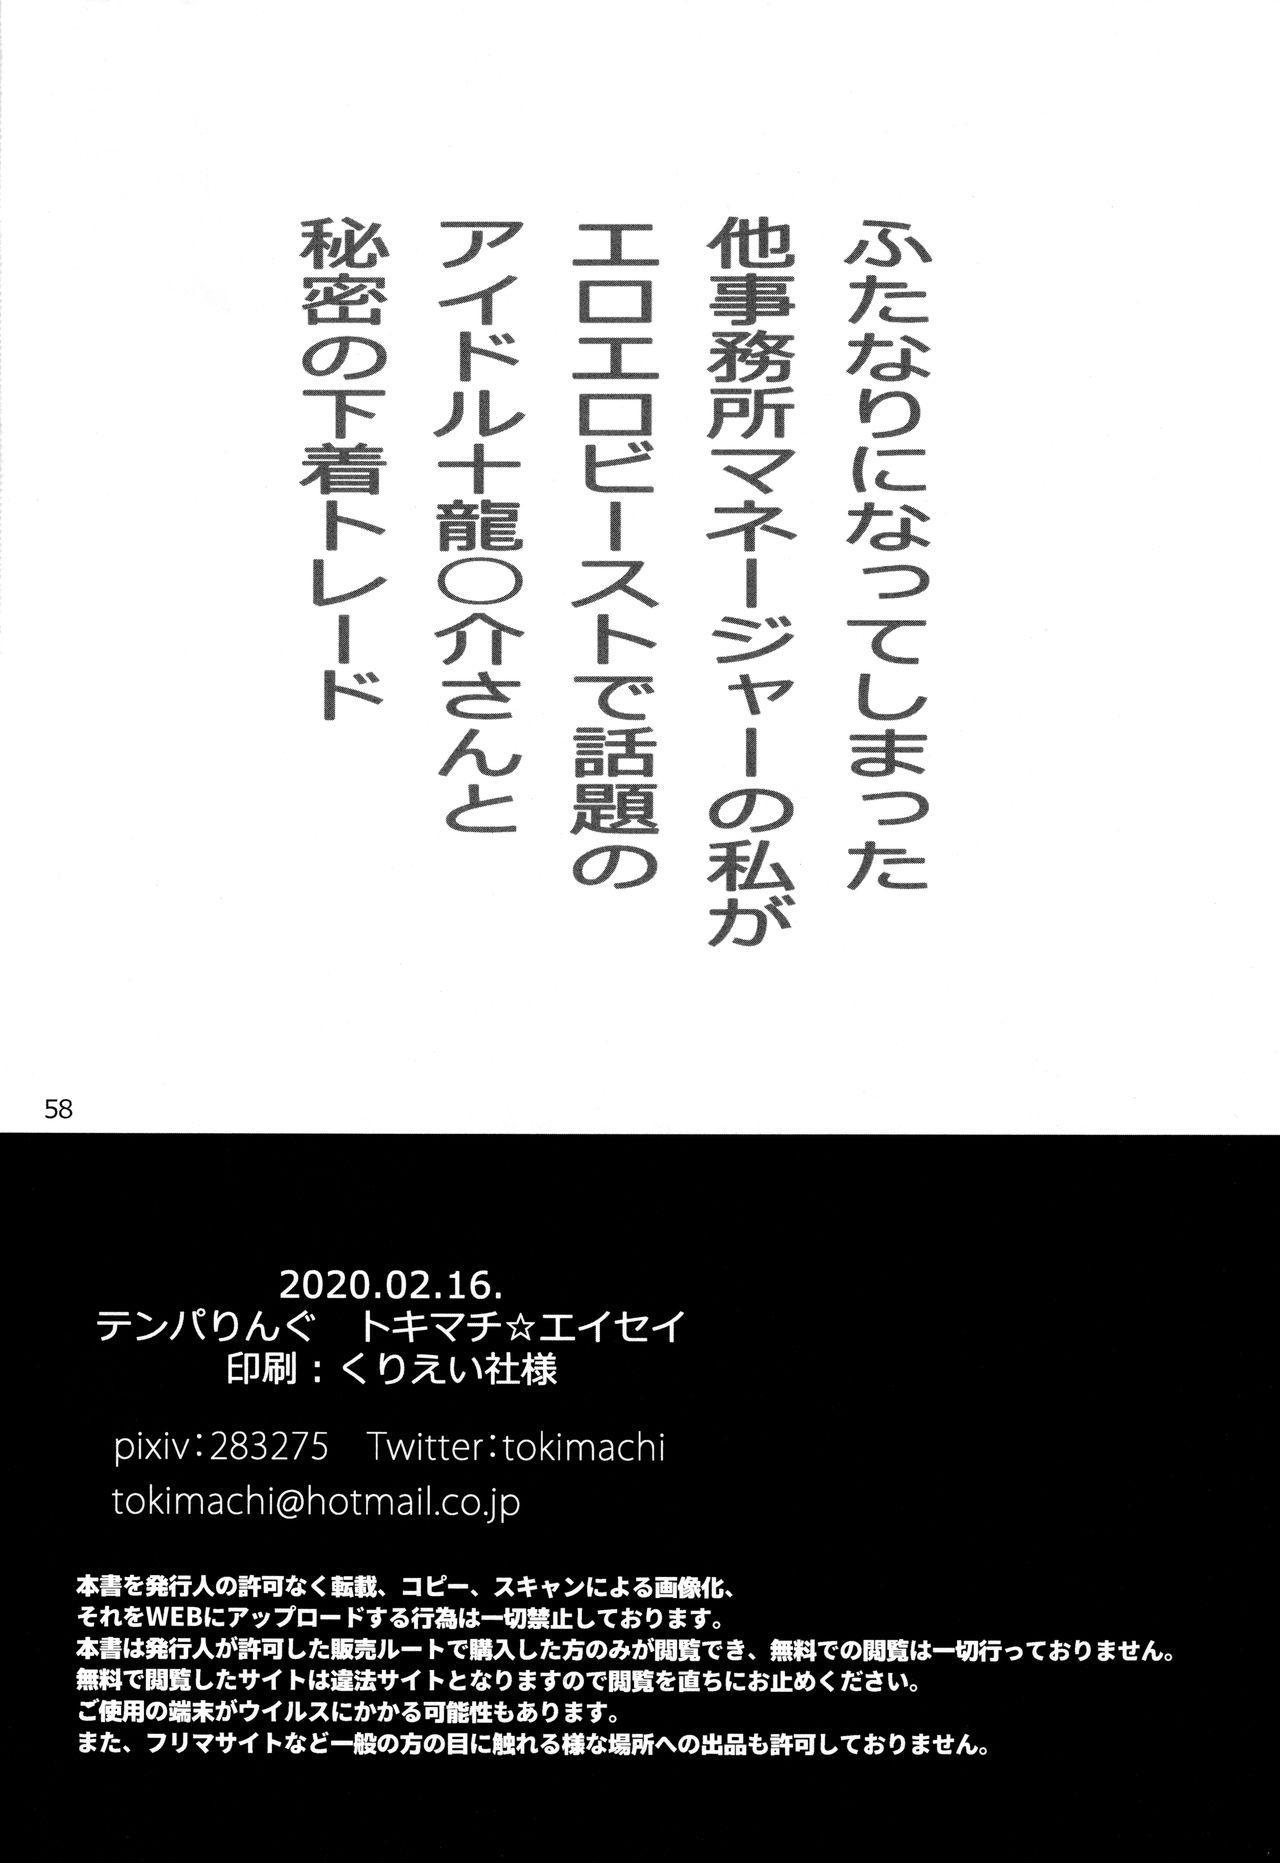 Futanari ni Natte Shimatta Taji Musho Manager no Watashi ga Eroerobiisuto de Wadai no Idol Tsunashi Ryu○suke-san to Himitsu no Shitagi Toreido 56